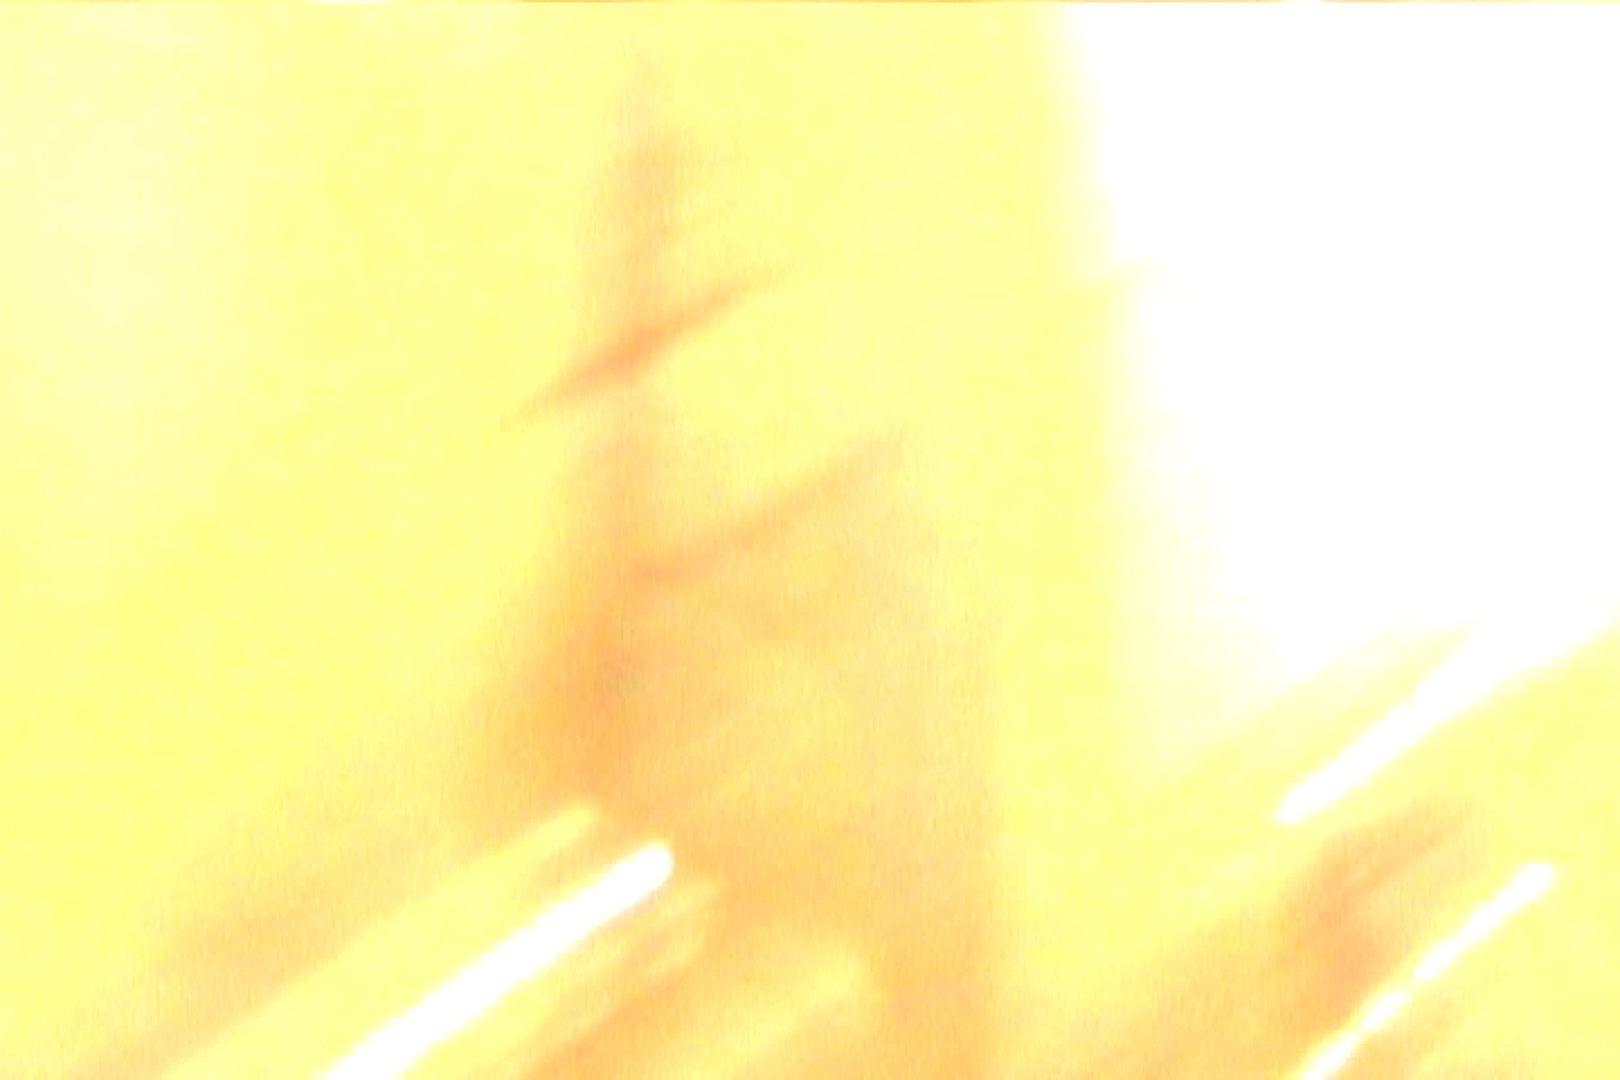 マンコ丸見え女子洗面所Vol.37 マンコ映像 われめAV動画紹介 93連発 2